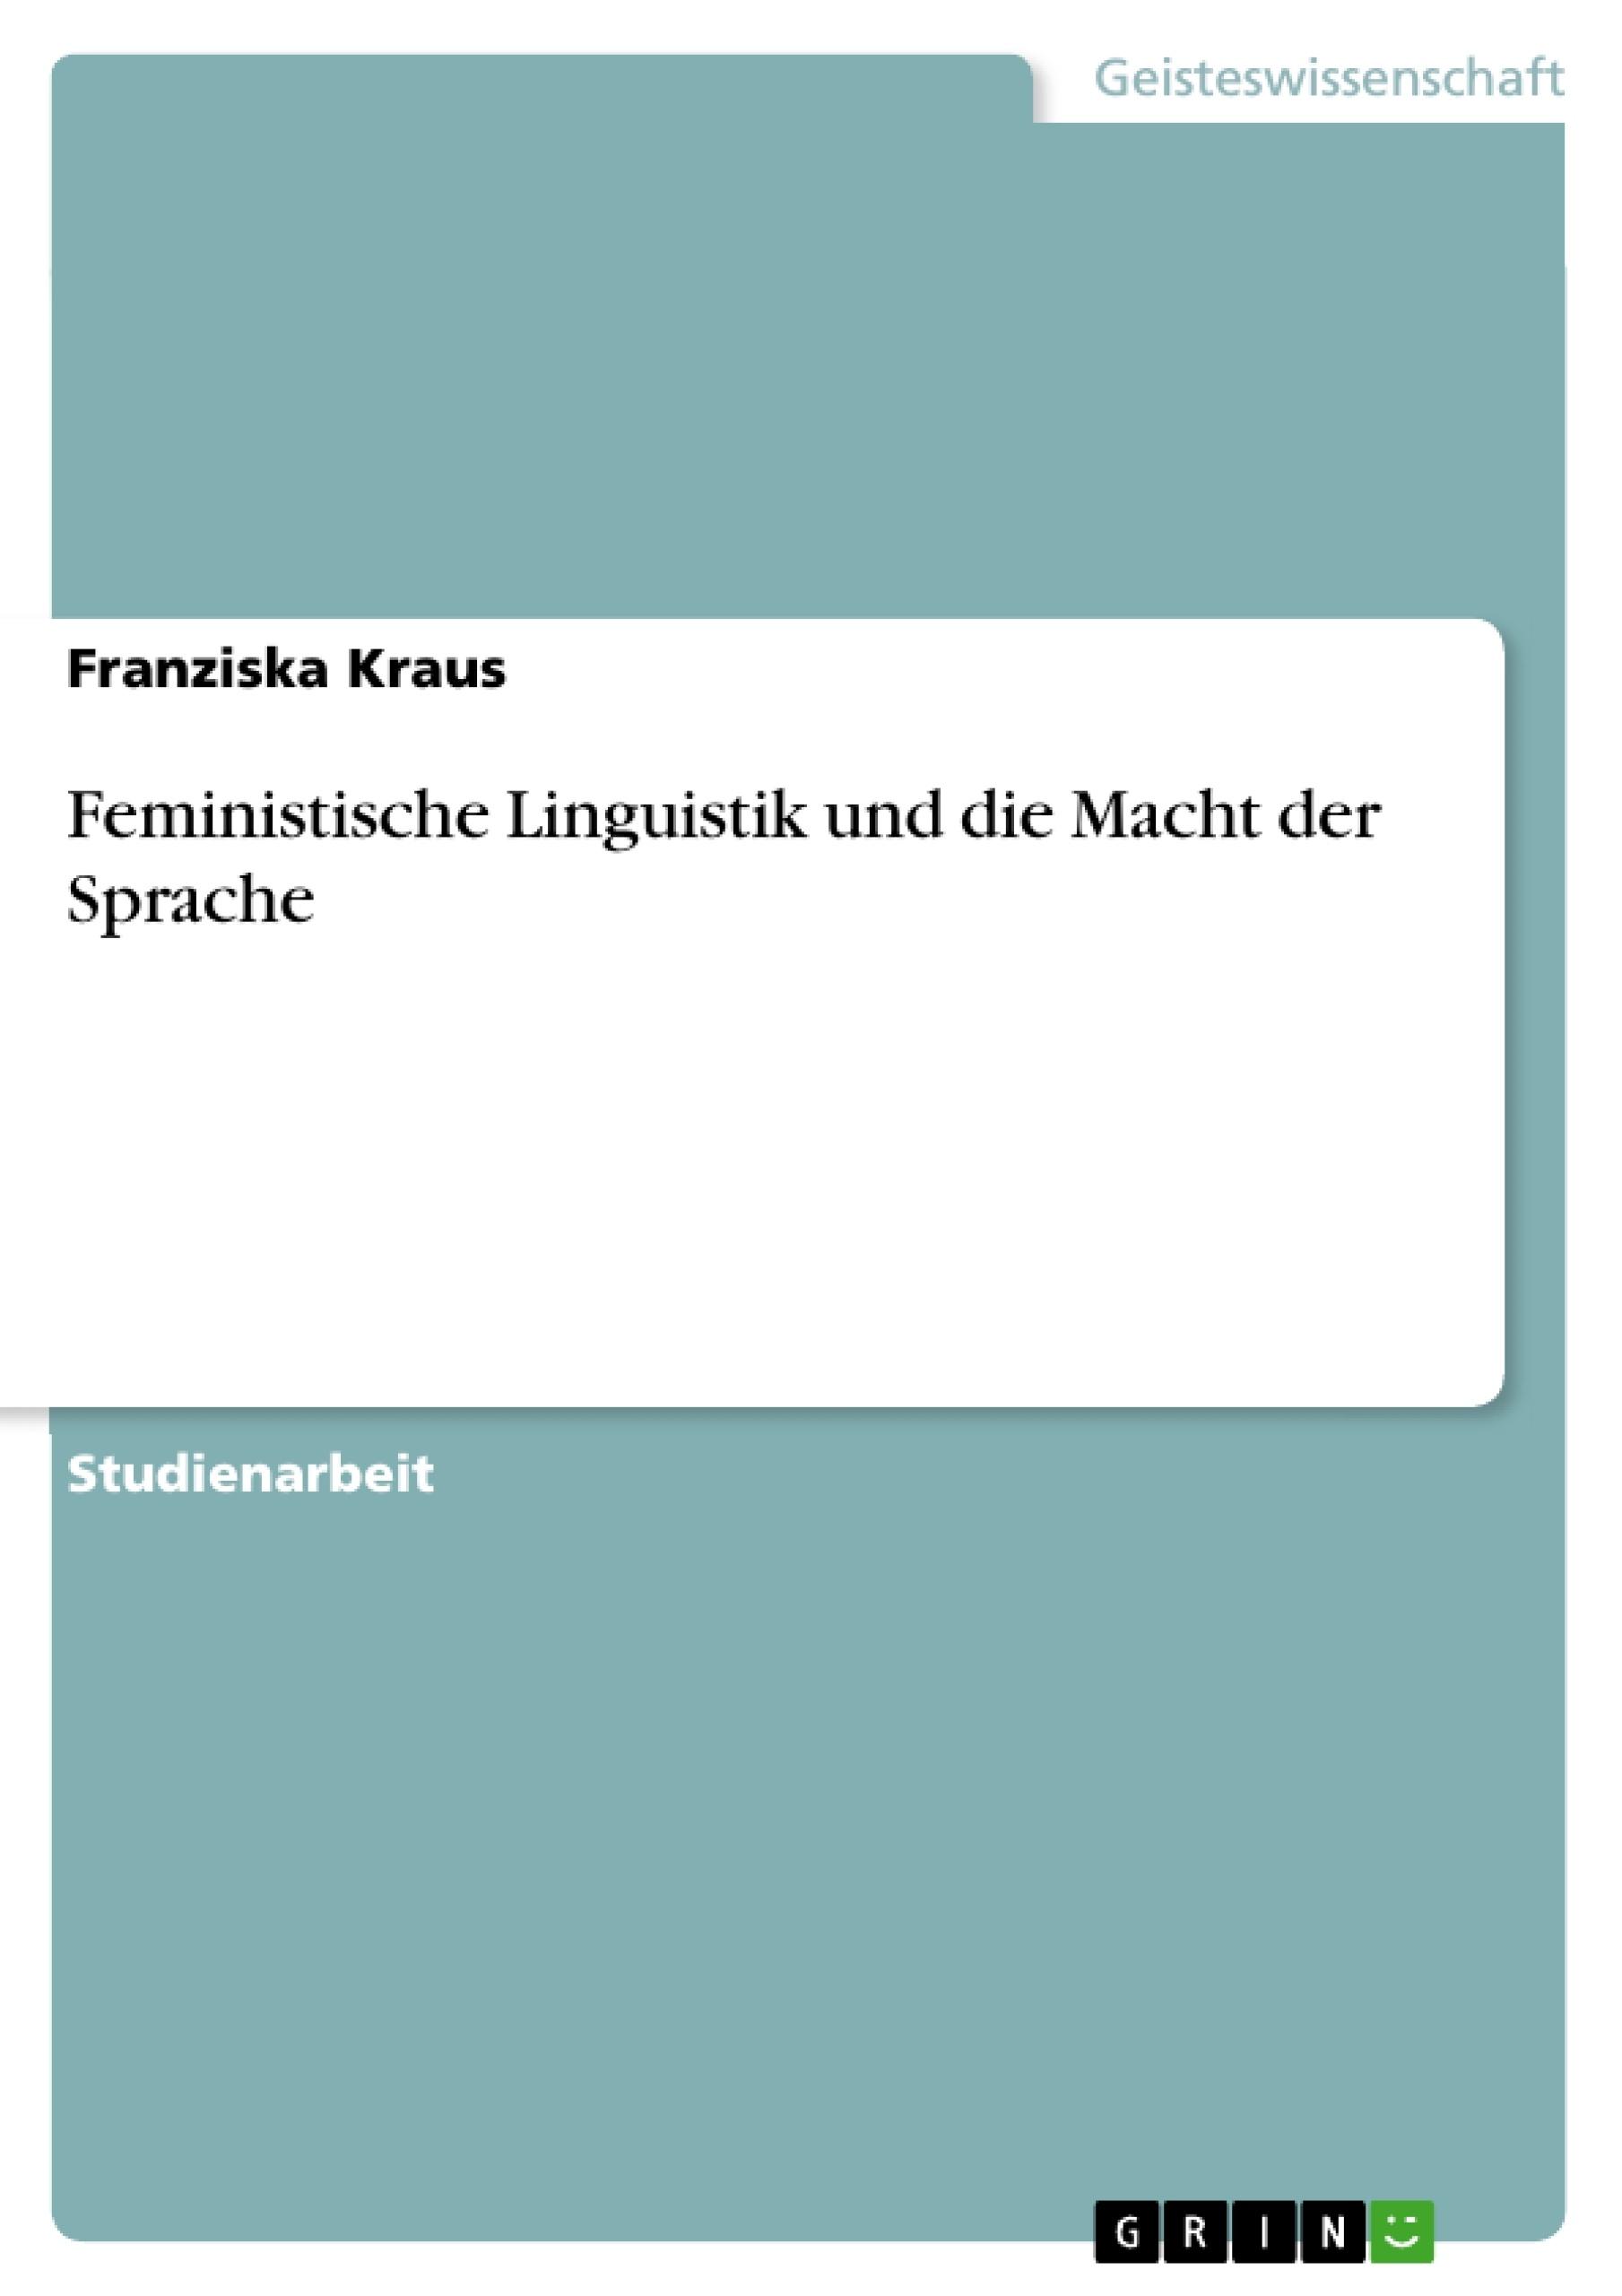 Titel: Feministische Linguistik und die Macht der Sprache